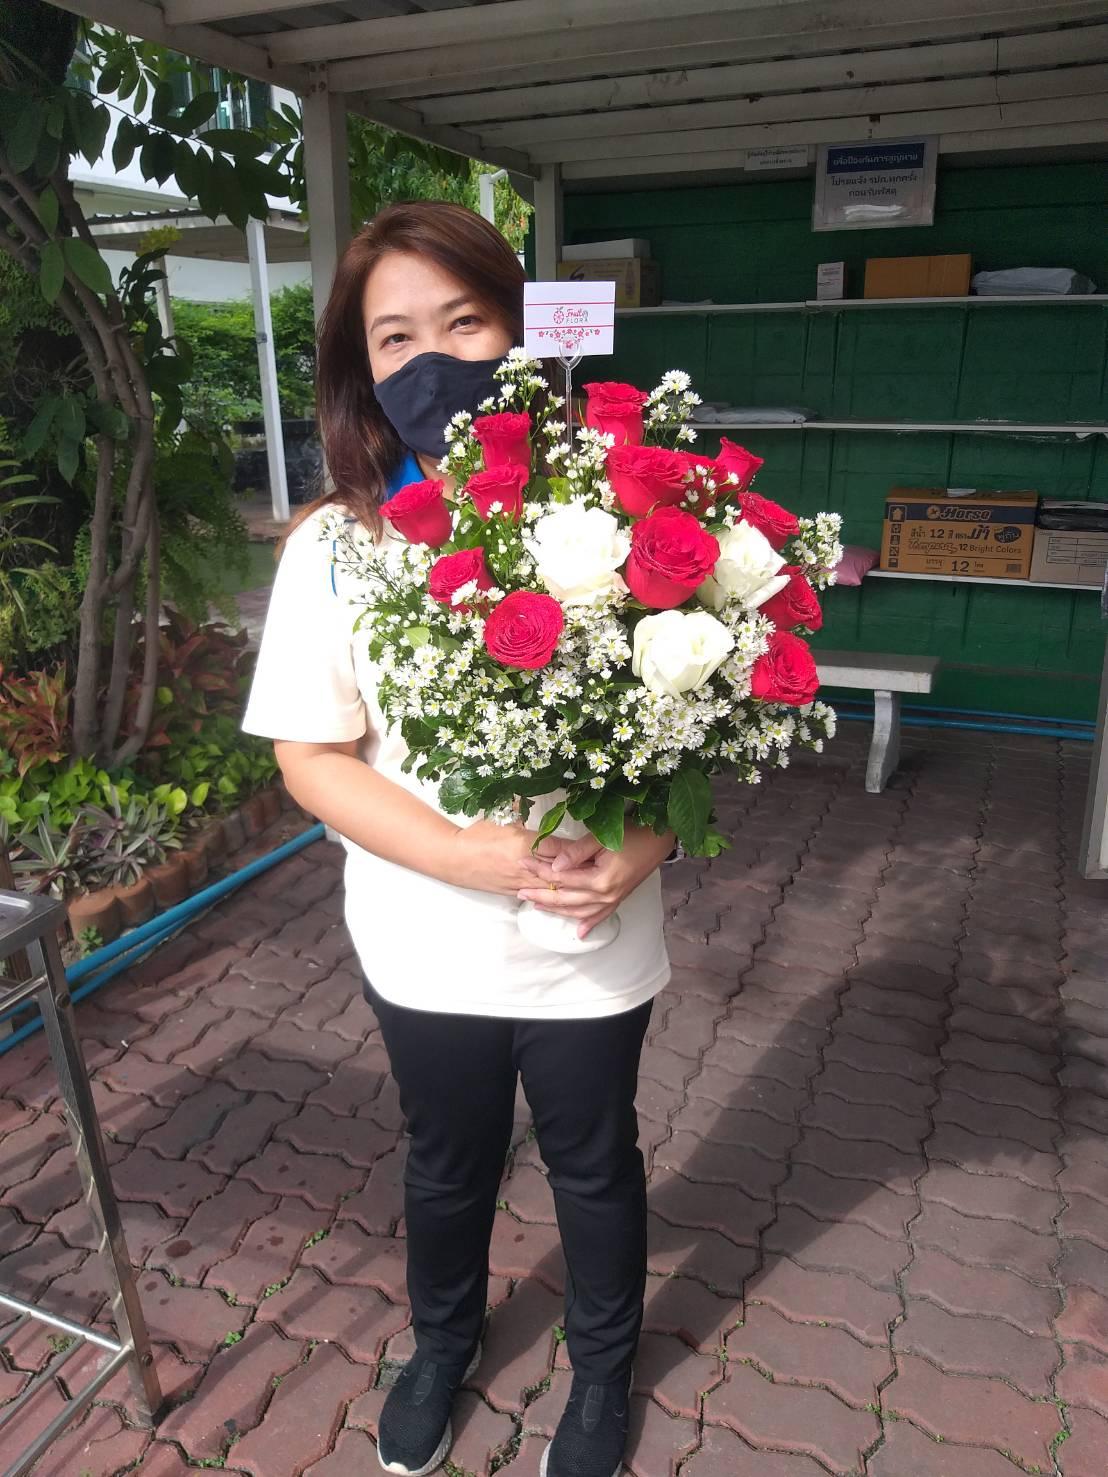 ช่อกุหลาบสีแดงสด ต้องยกให้ช่อดอกไม้ช่อนี้ค่ะ มอบให้ผู้รับ มั่นใจว่าปลื้มปริ่มไปทั้งวัน